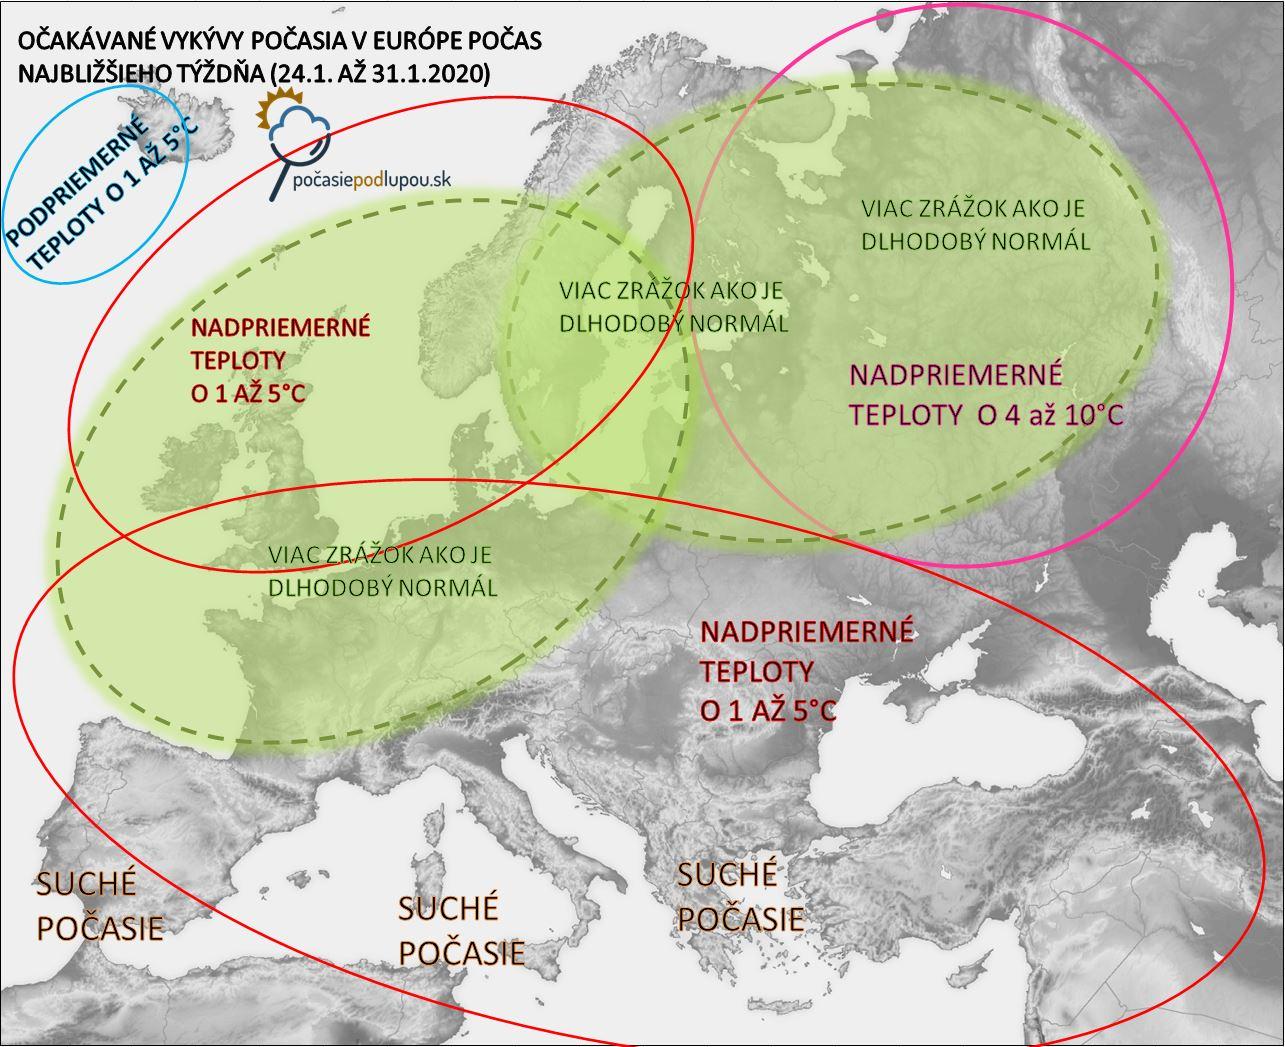 Predpokladané výkyvy počasia v Európe a snehová pokrývka v Európe